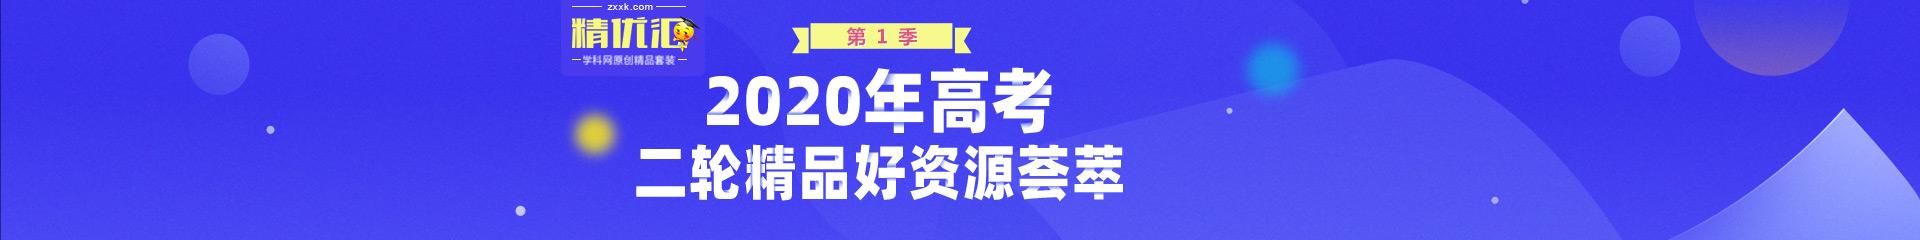 2020高考二輪原創(chuang)精品(pin)好資源薈萃